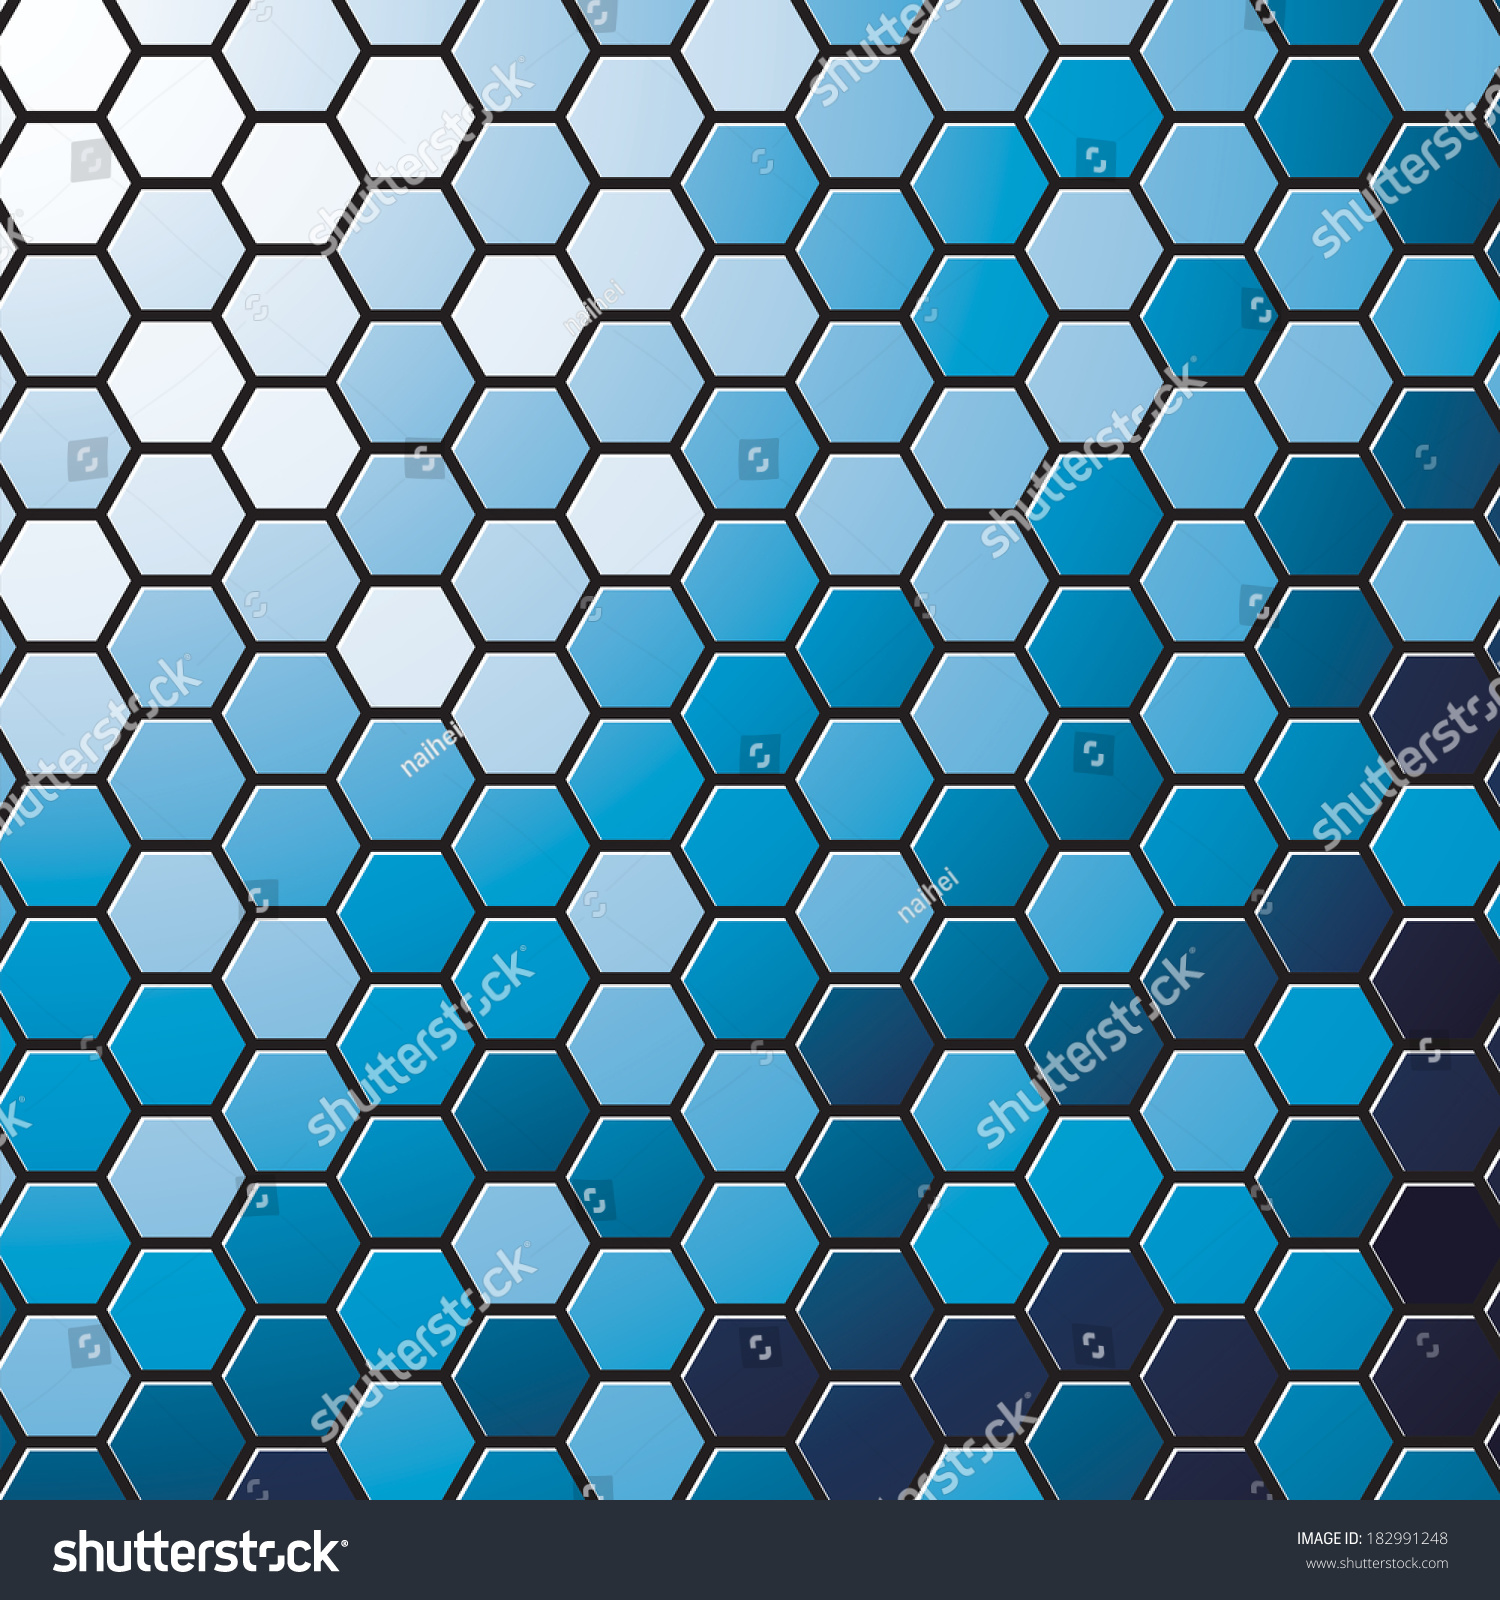 blue hexagonal pattern vector - photo #21